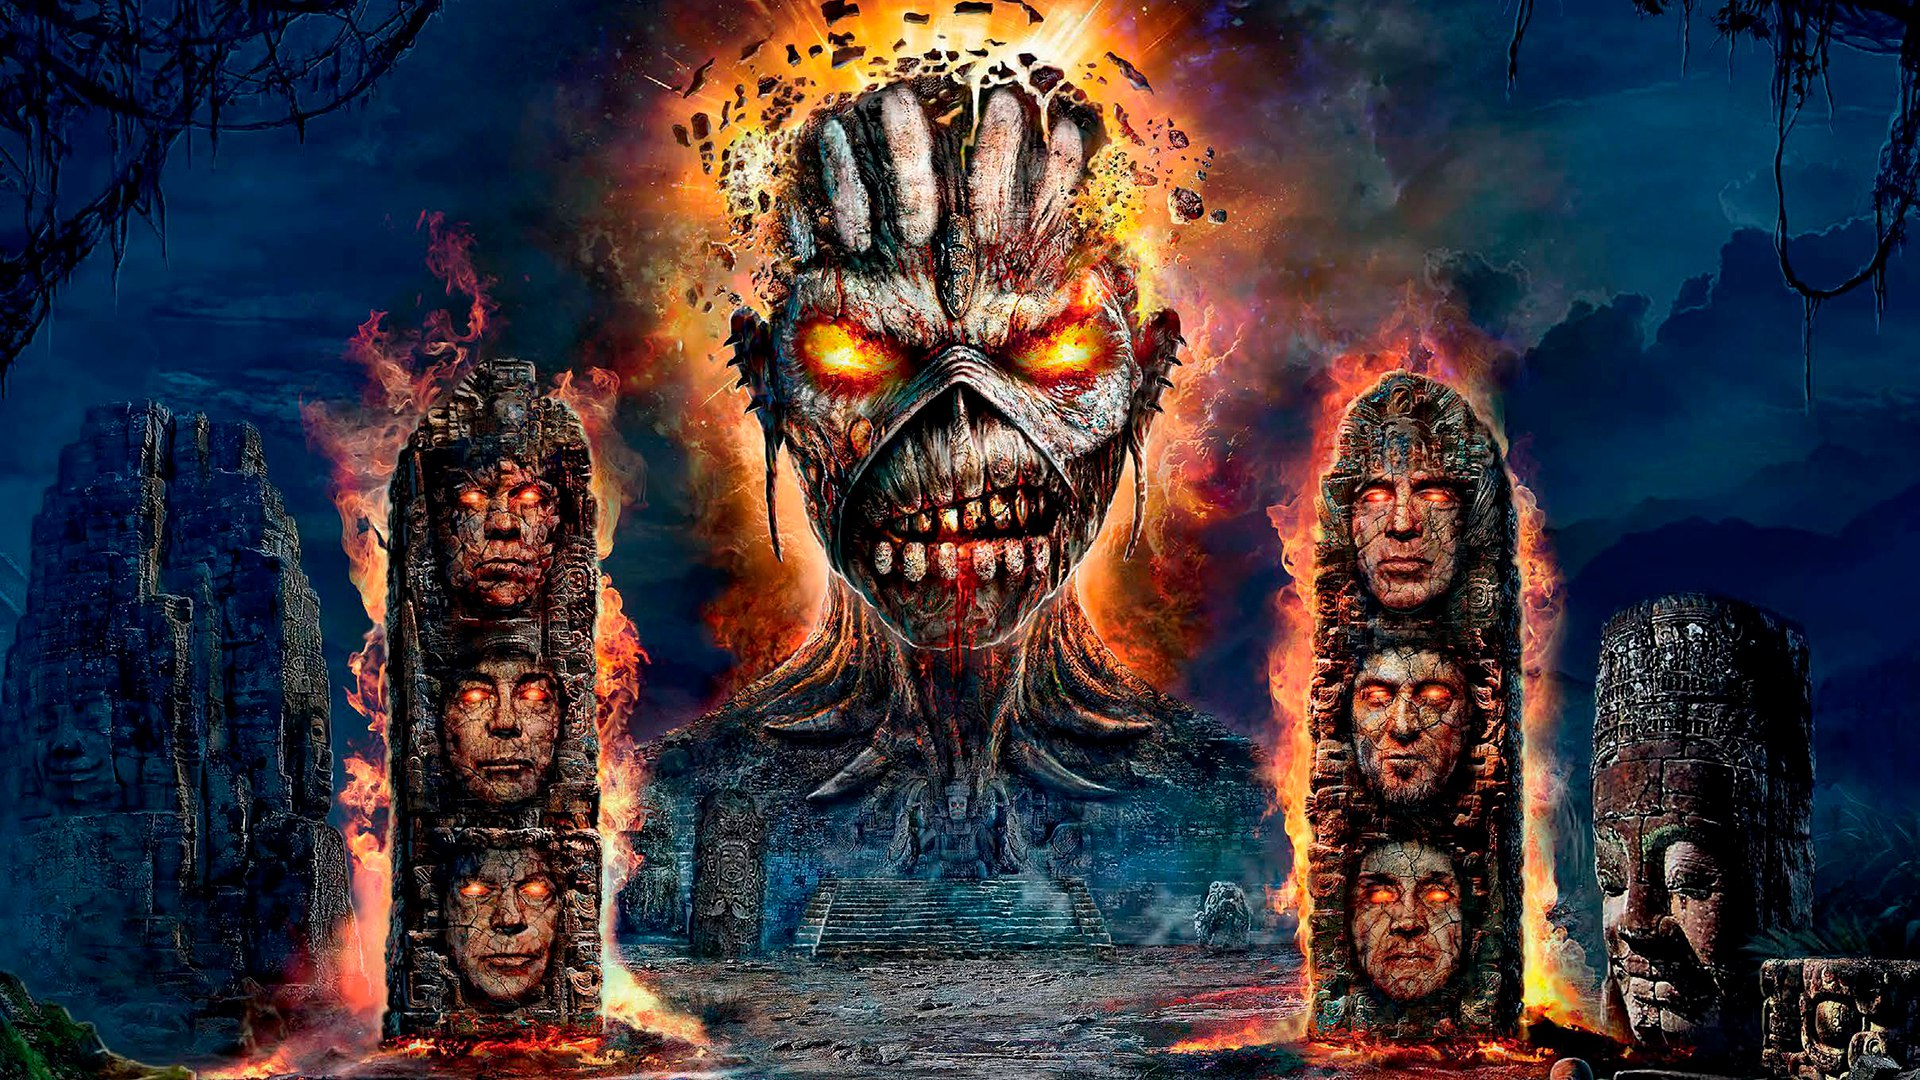 Iron Maiden Background